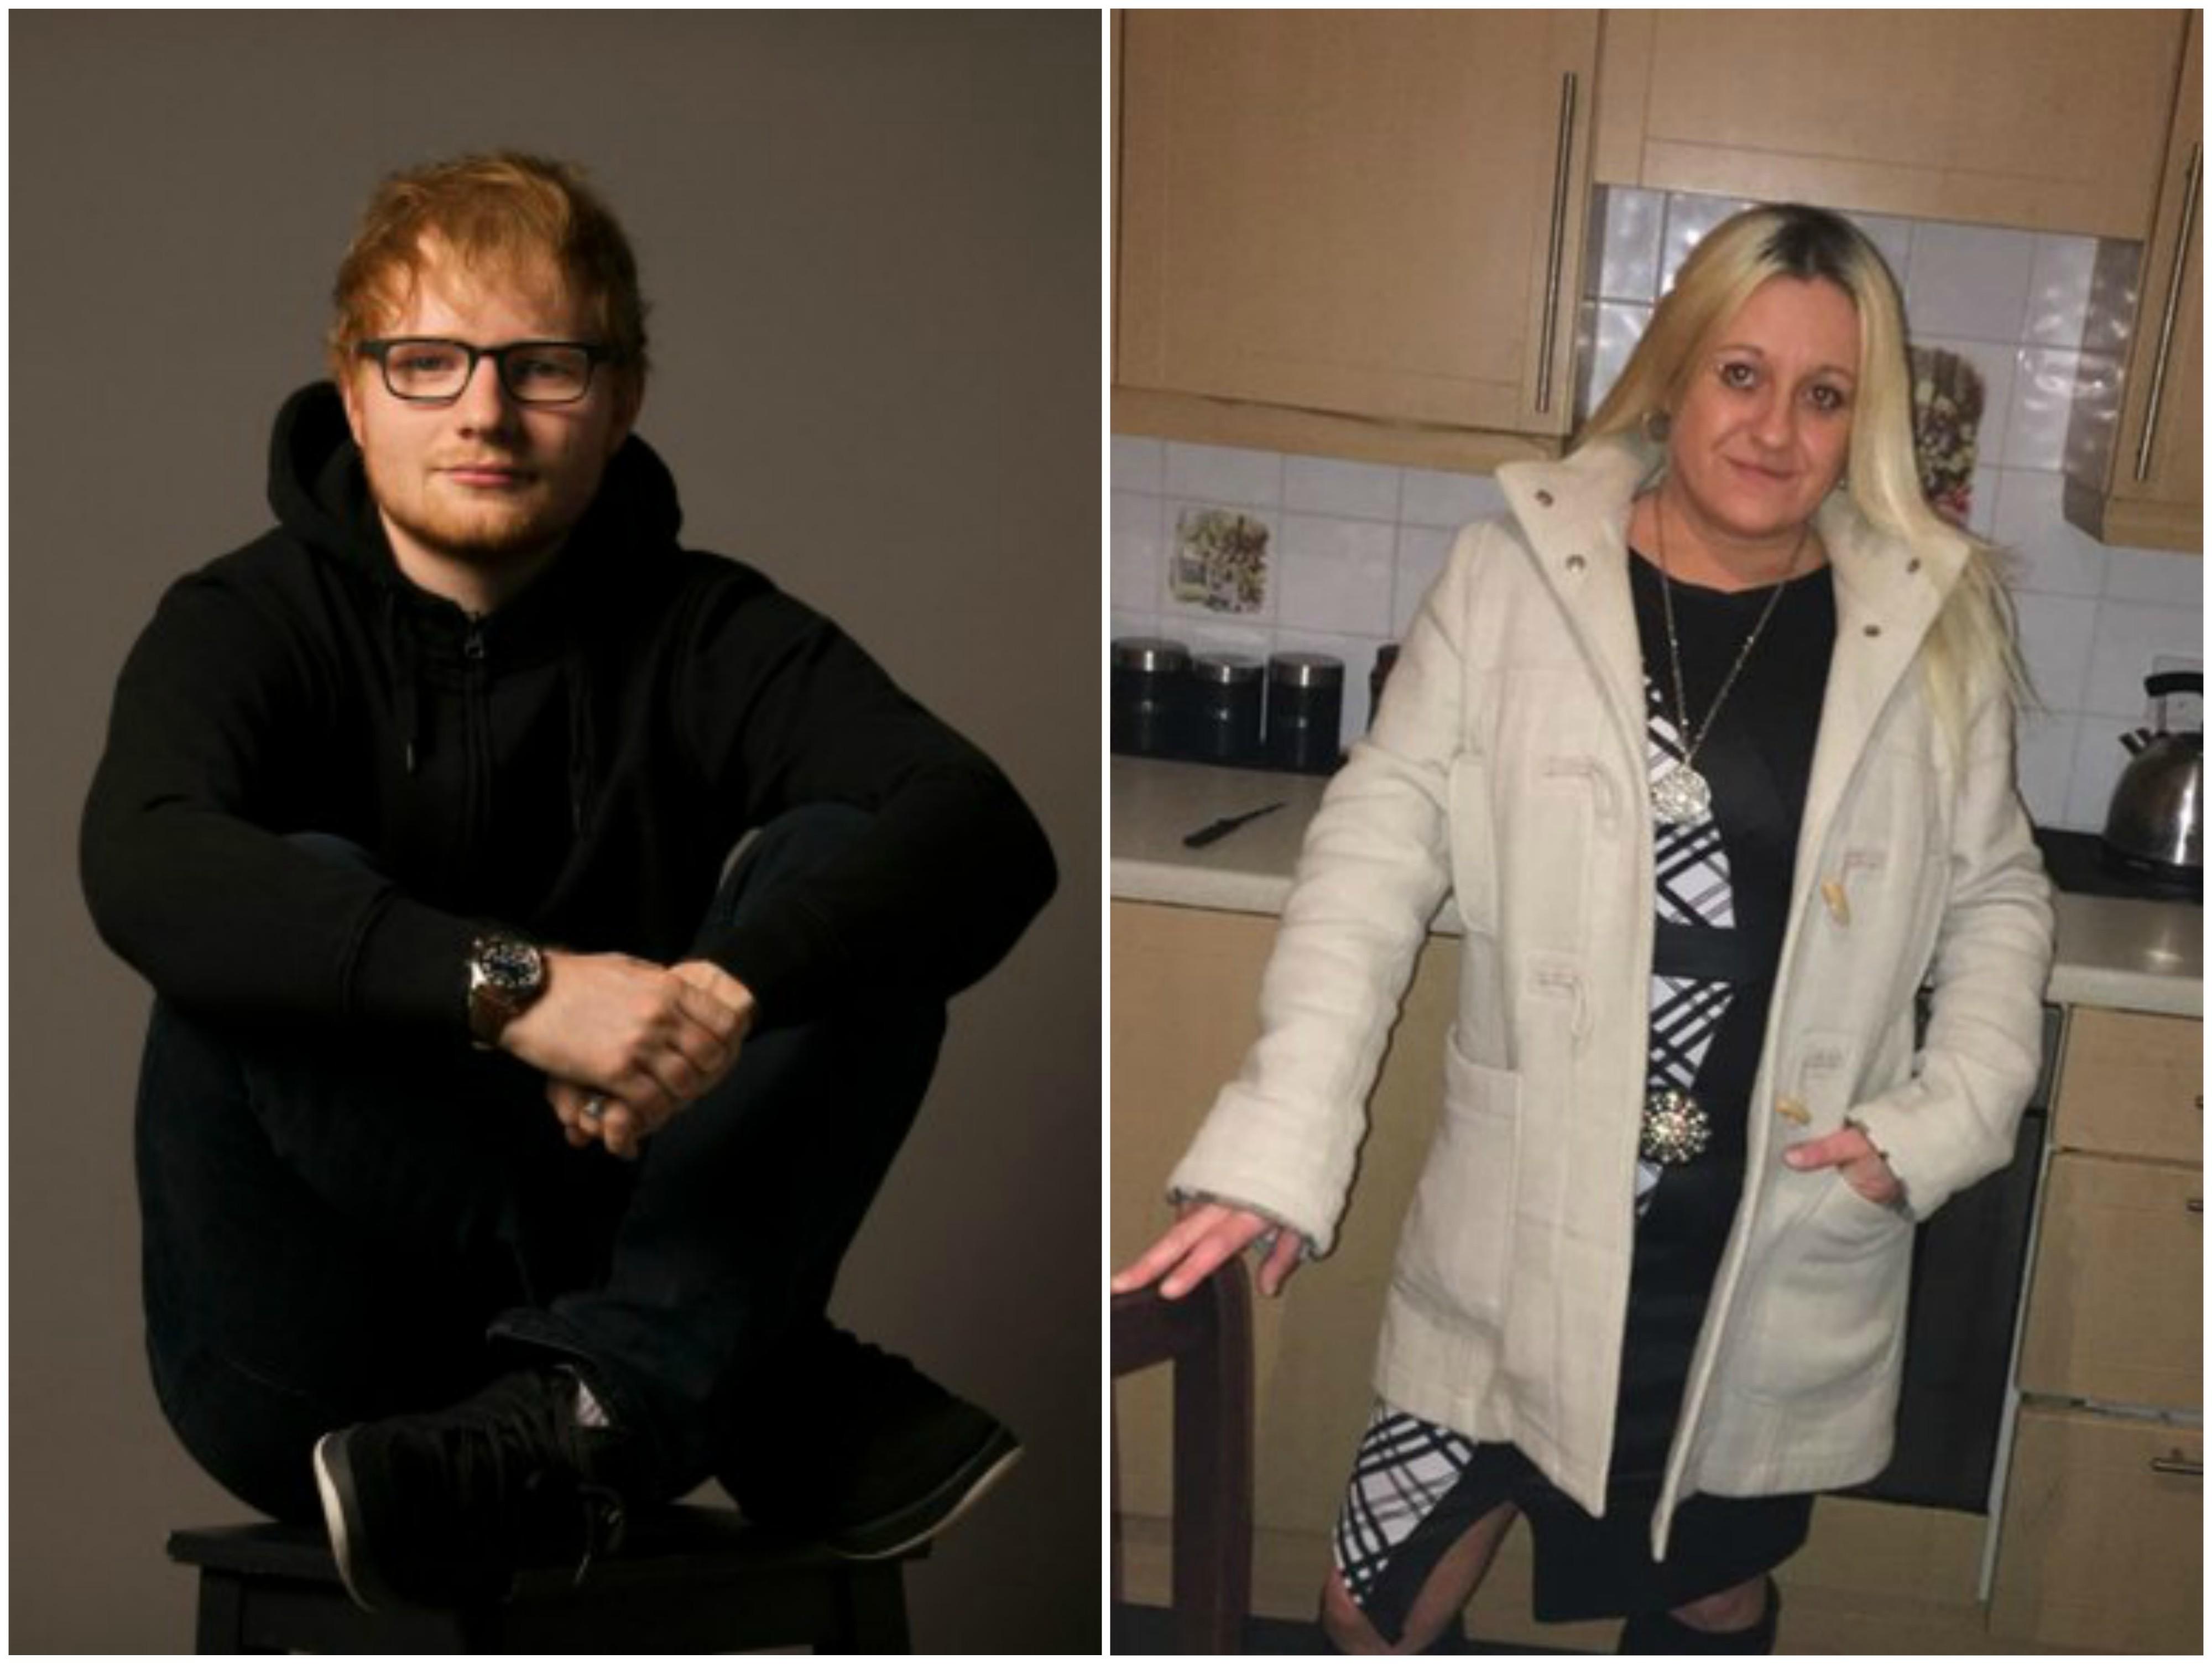 Sonia vai ficar presa por oito semanas depois de importunar os vizinhos com 'Shape Of You', de Ed Sheeran (Foto: Divulgao/Facebook)